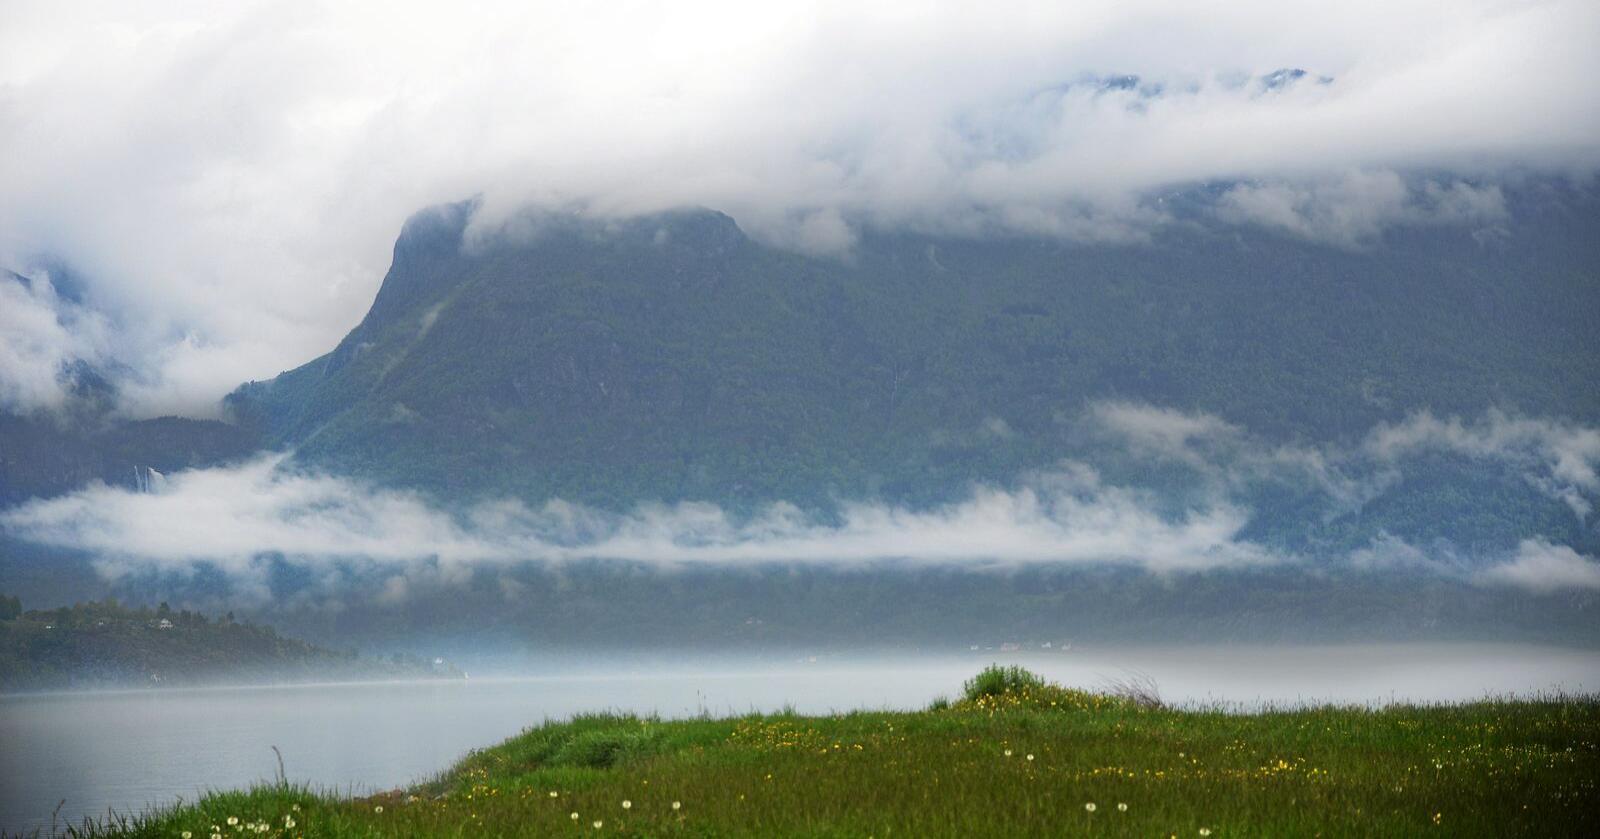 Distrikt: Dei småe bygdesentra og gardsbruka mellom fjord og fjell er den norske populismen. Foto: Siri Juell Rasmussen